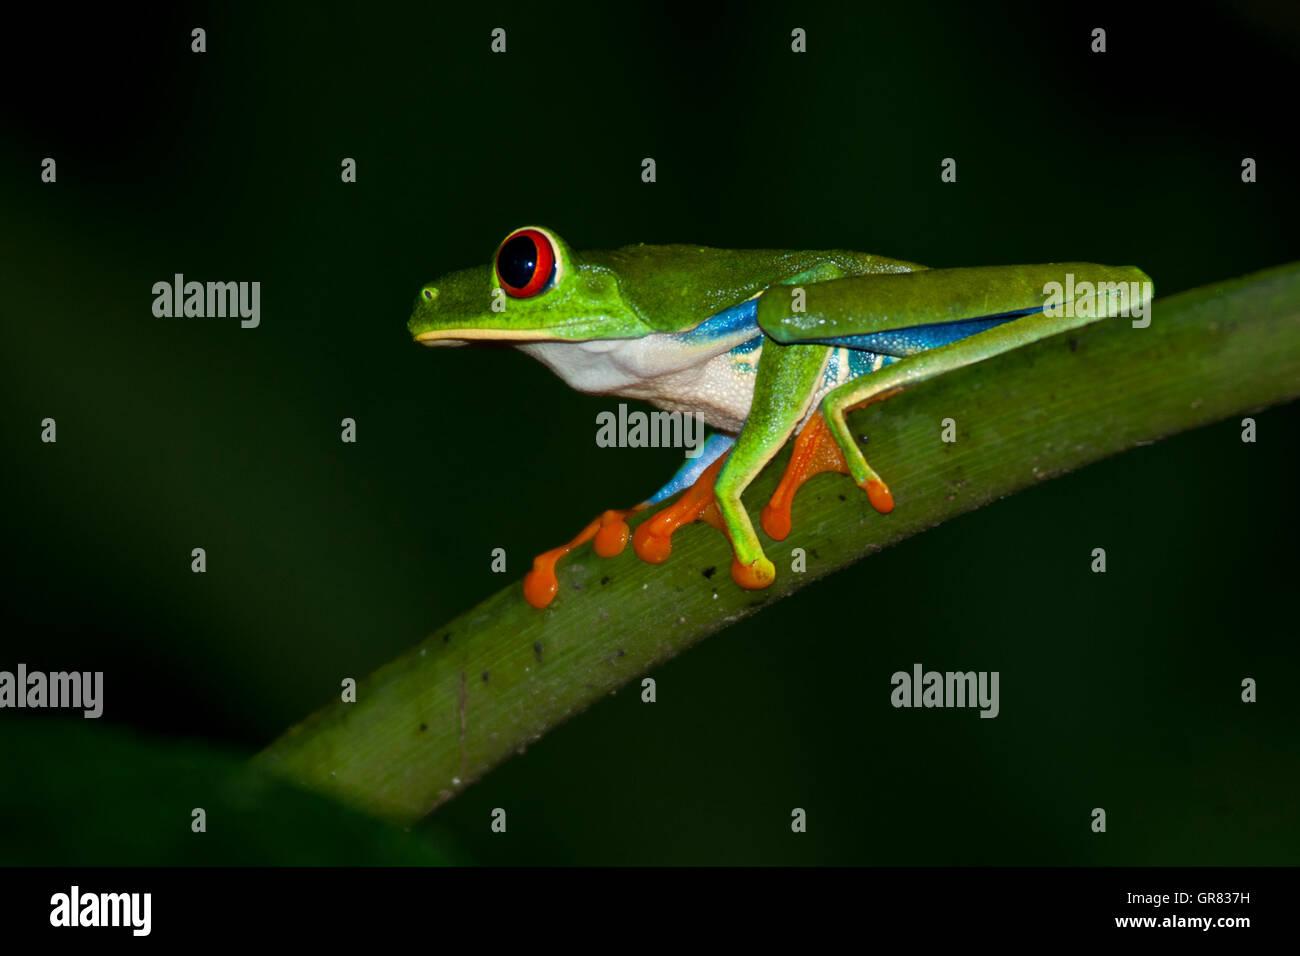 Rainette des yeux rouges (agalychnis callidryas) à la Station biologique de La Selva, Costa Rica Photo Stock